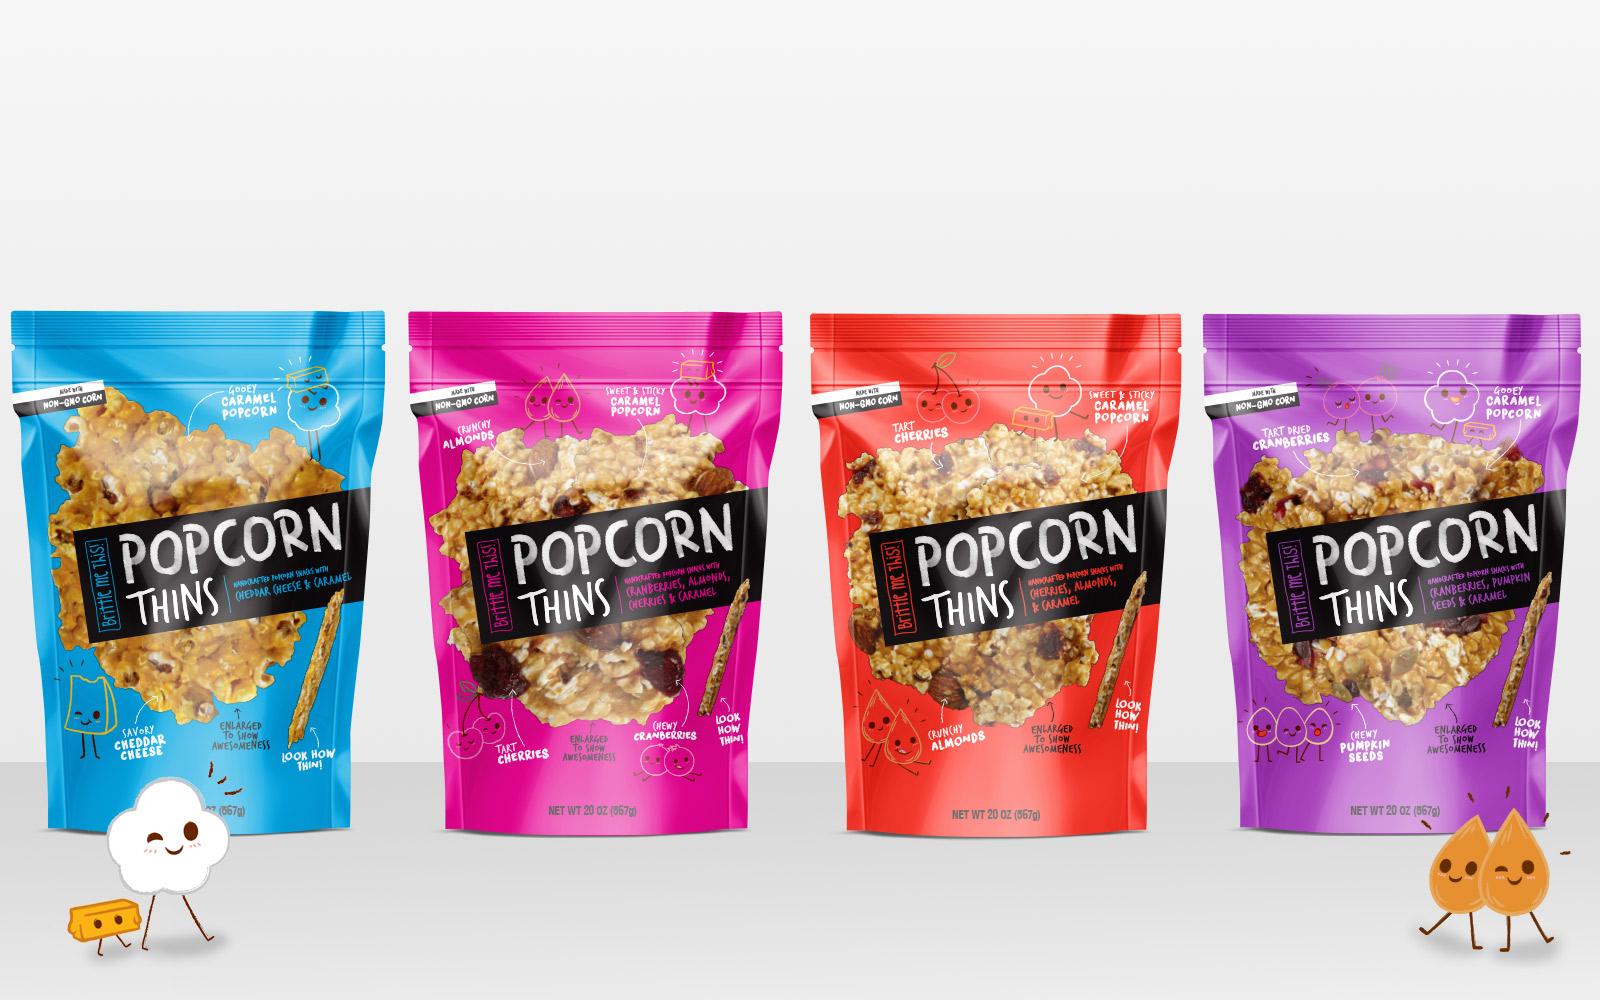 popcorn thins branding  u0026 packaging